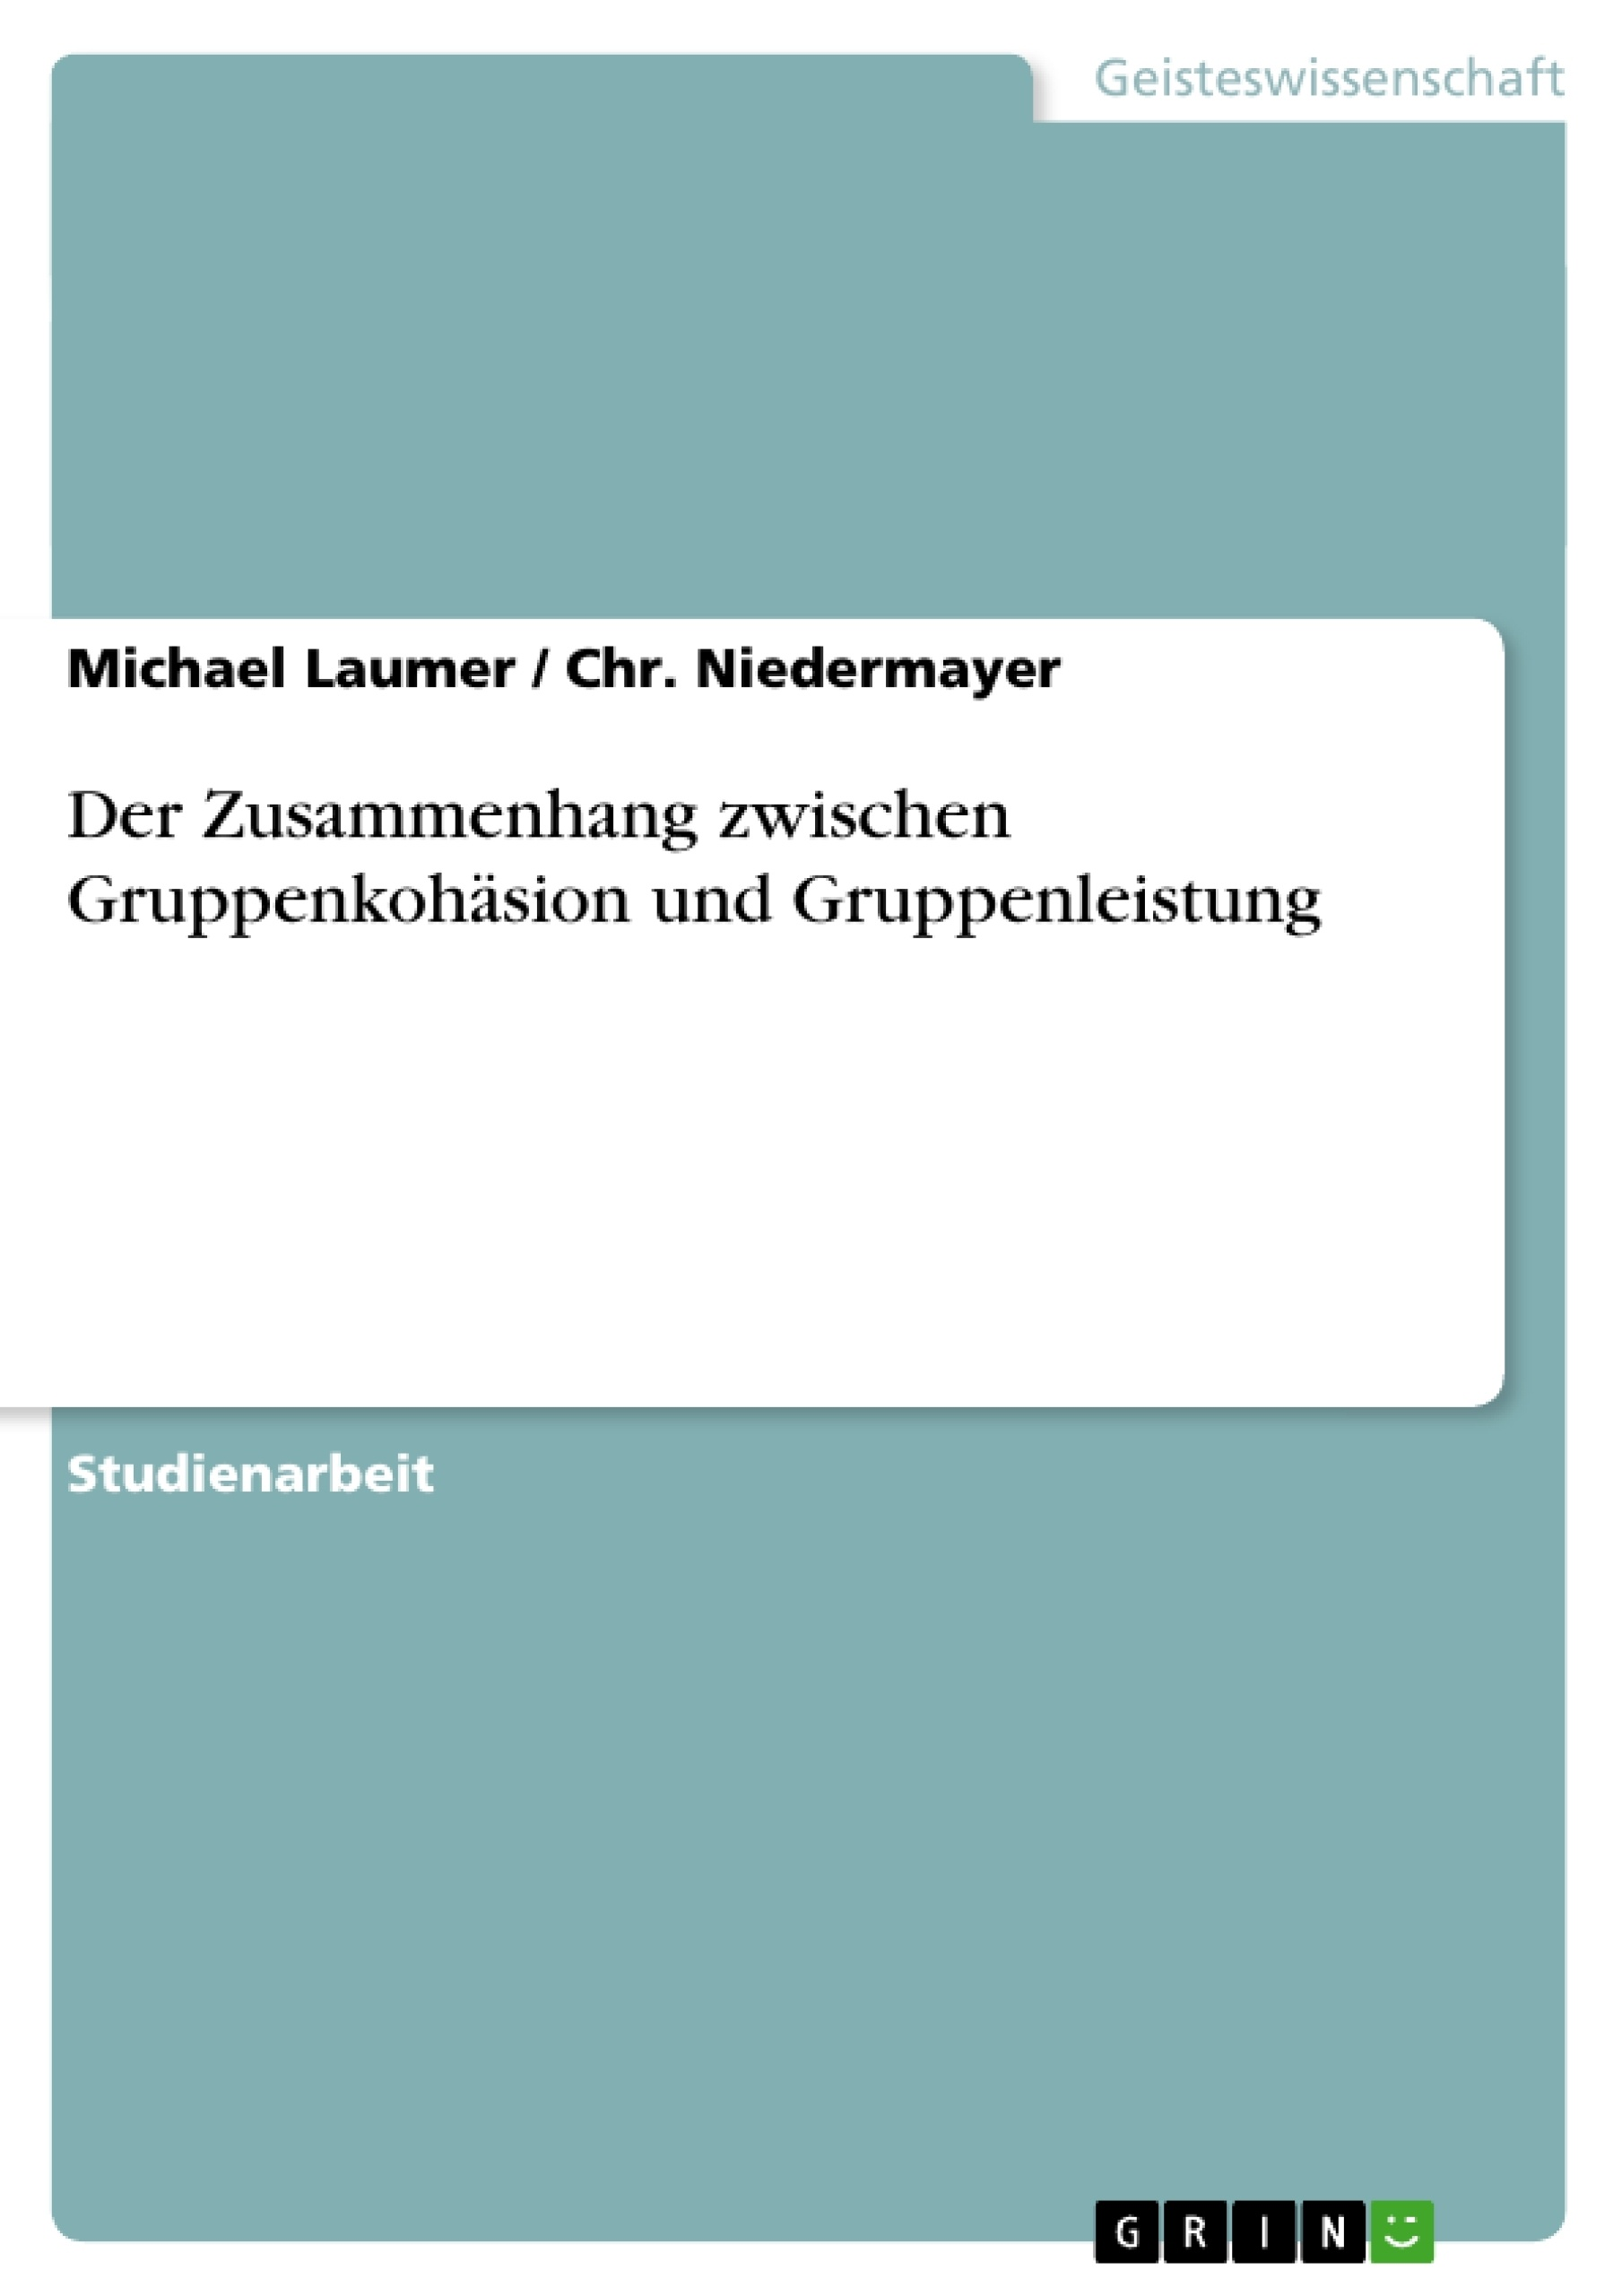 Titel: Der Zusammenhang zwischen Gruppenkohäsion und Gruppenleistung